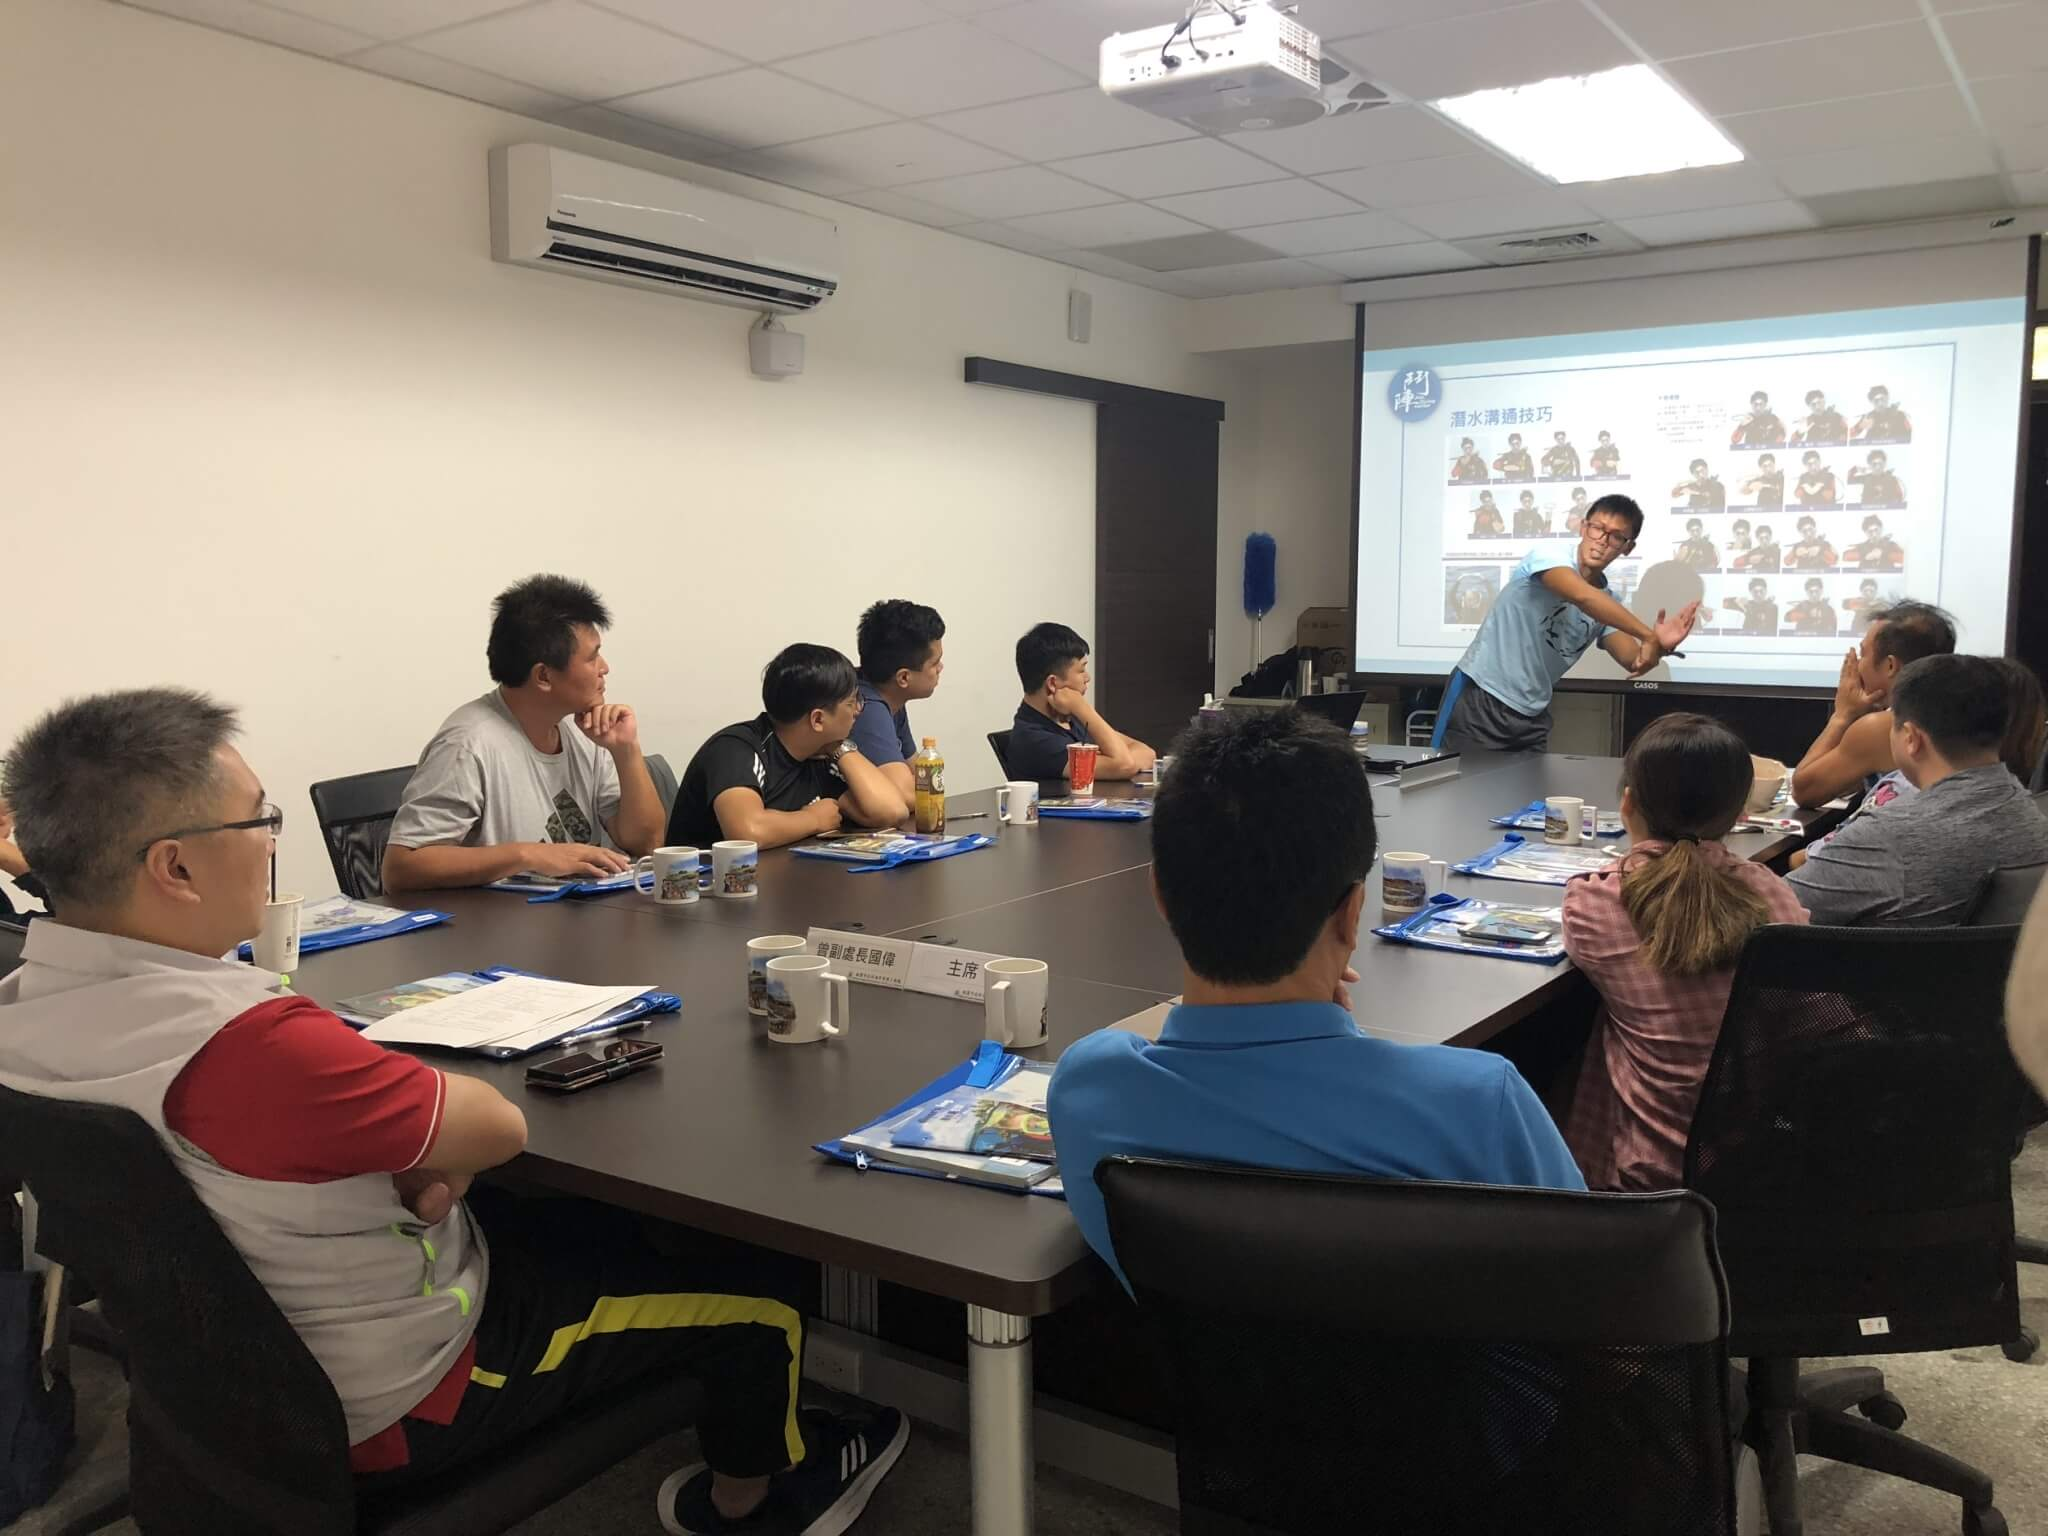 志工人員共同參加室內講習